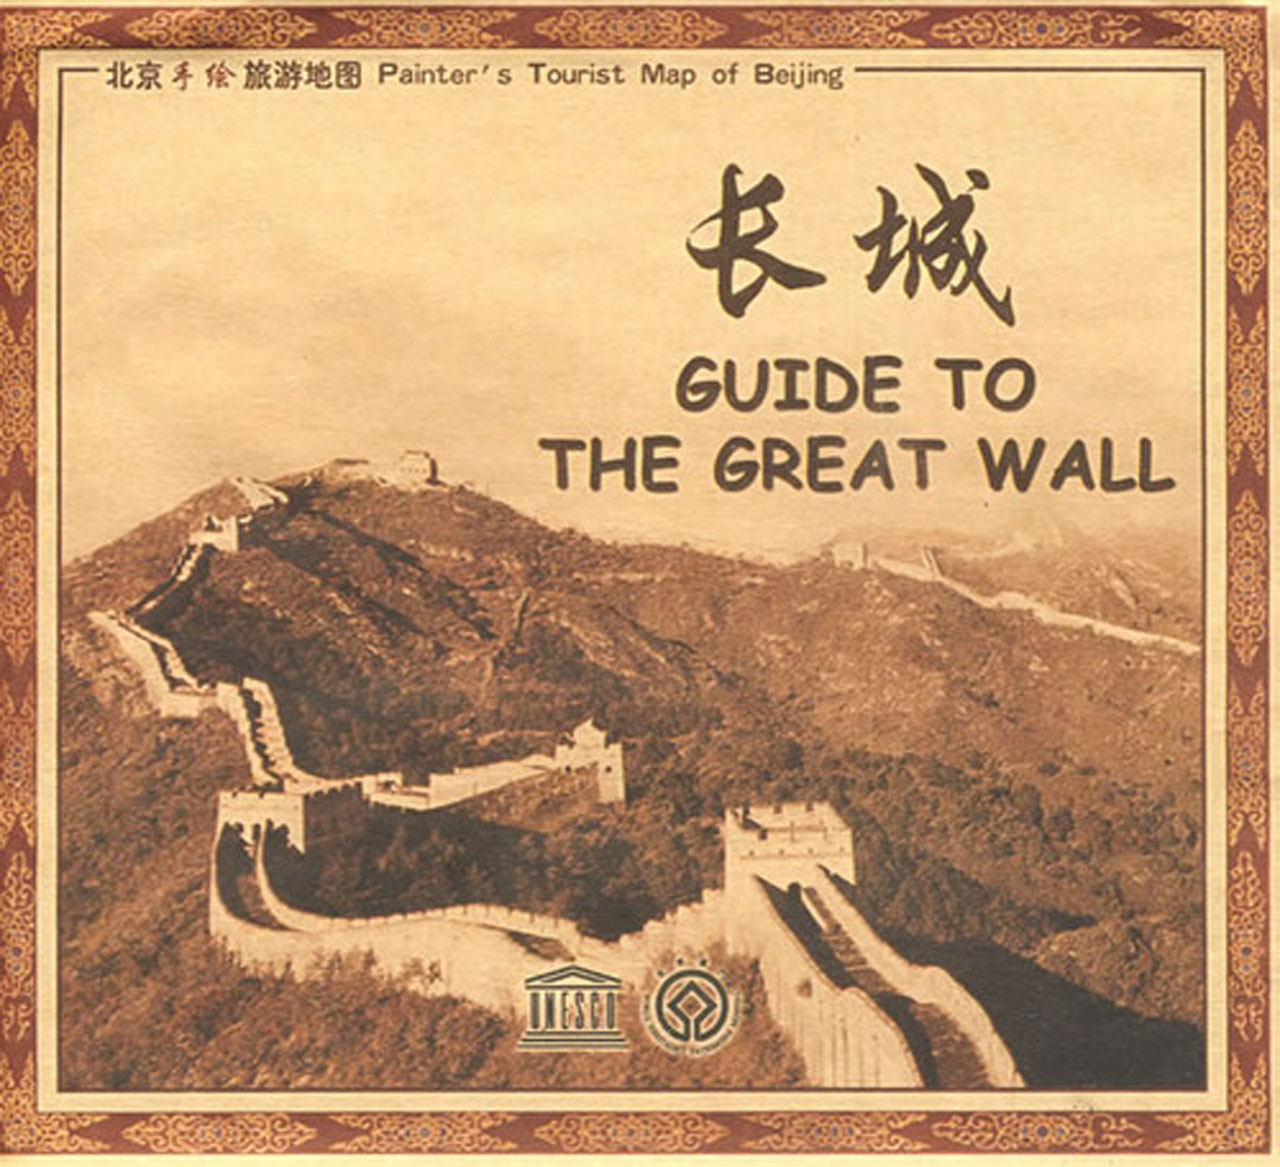 长城(典藏版北京手绘旅游地图)